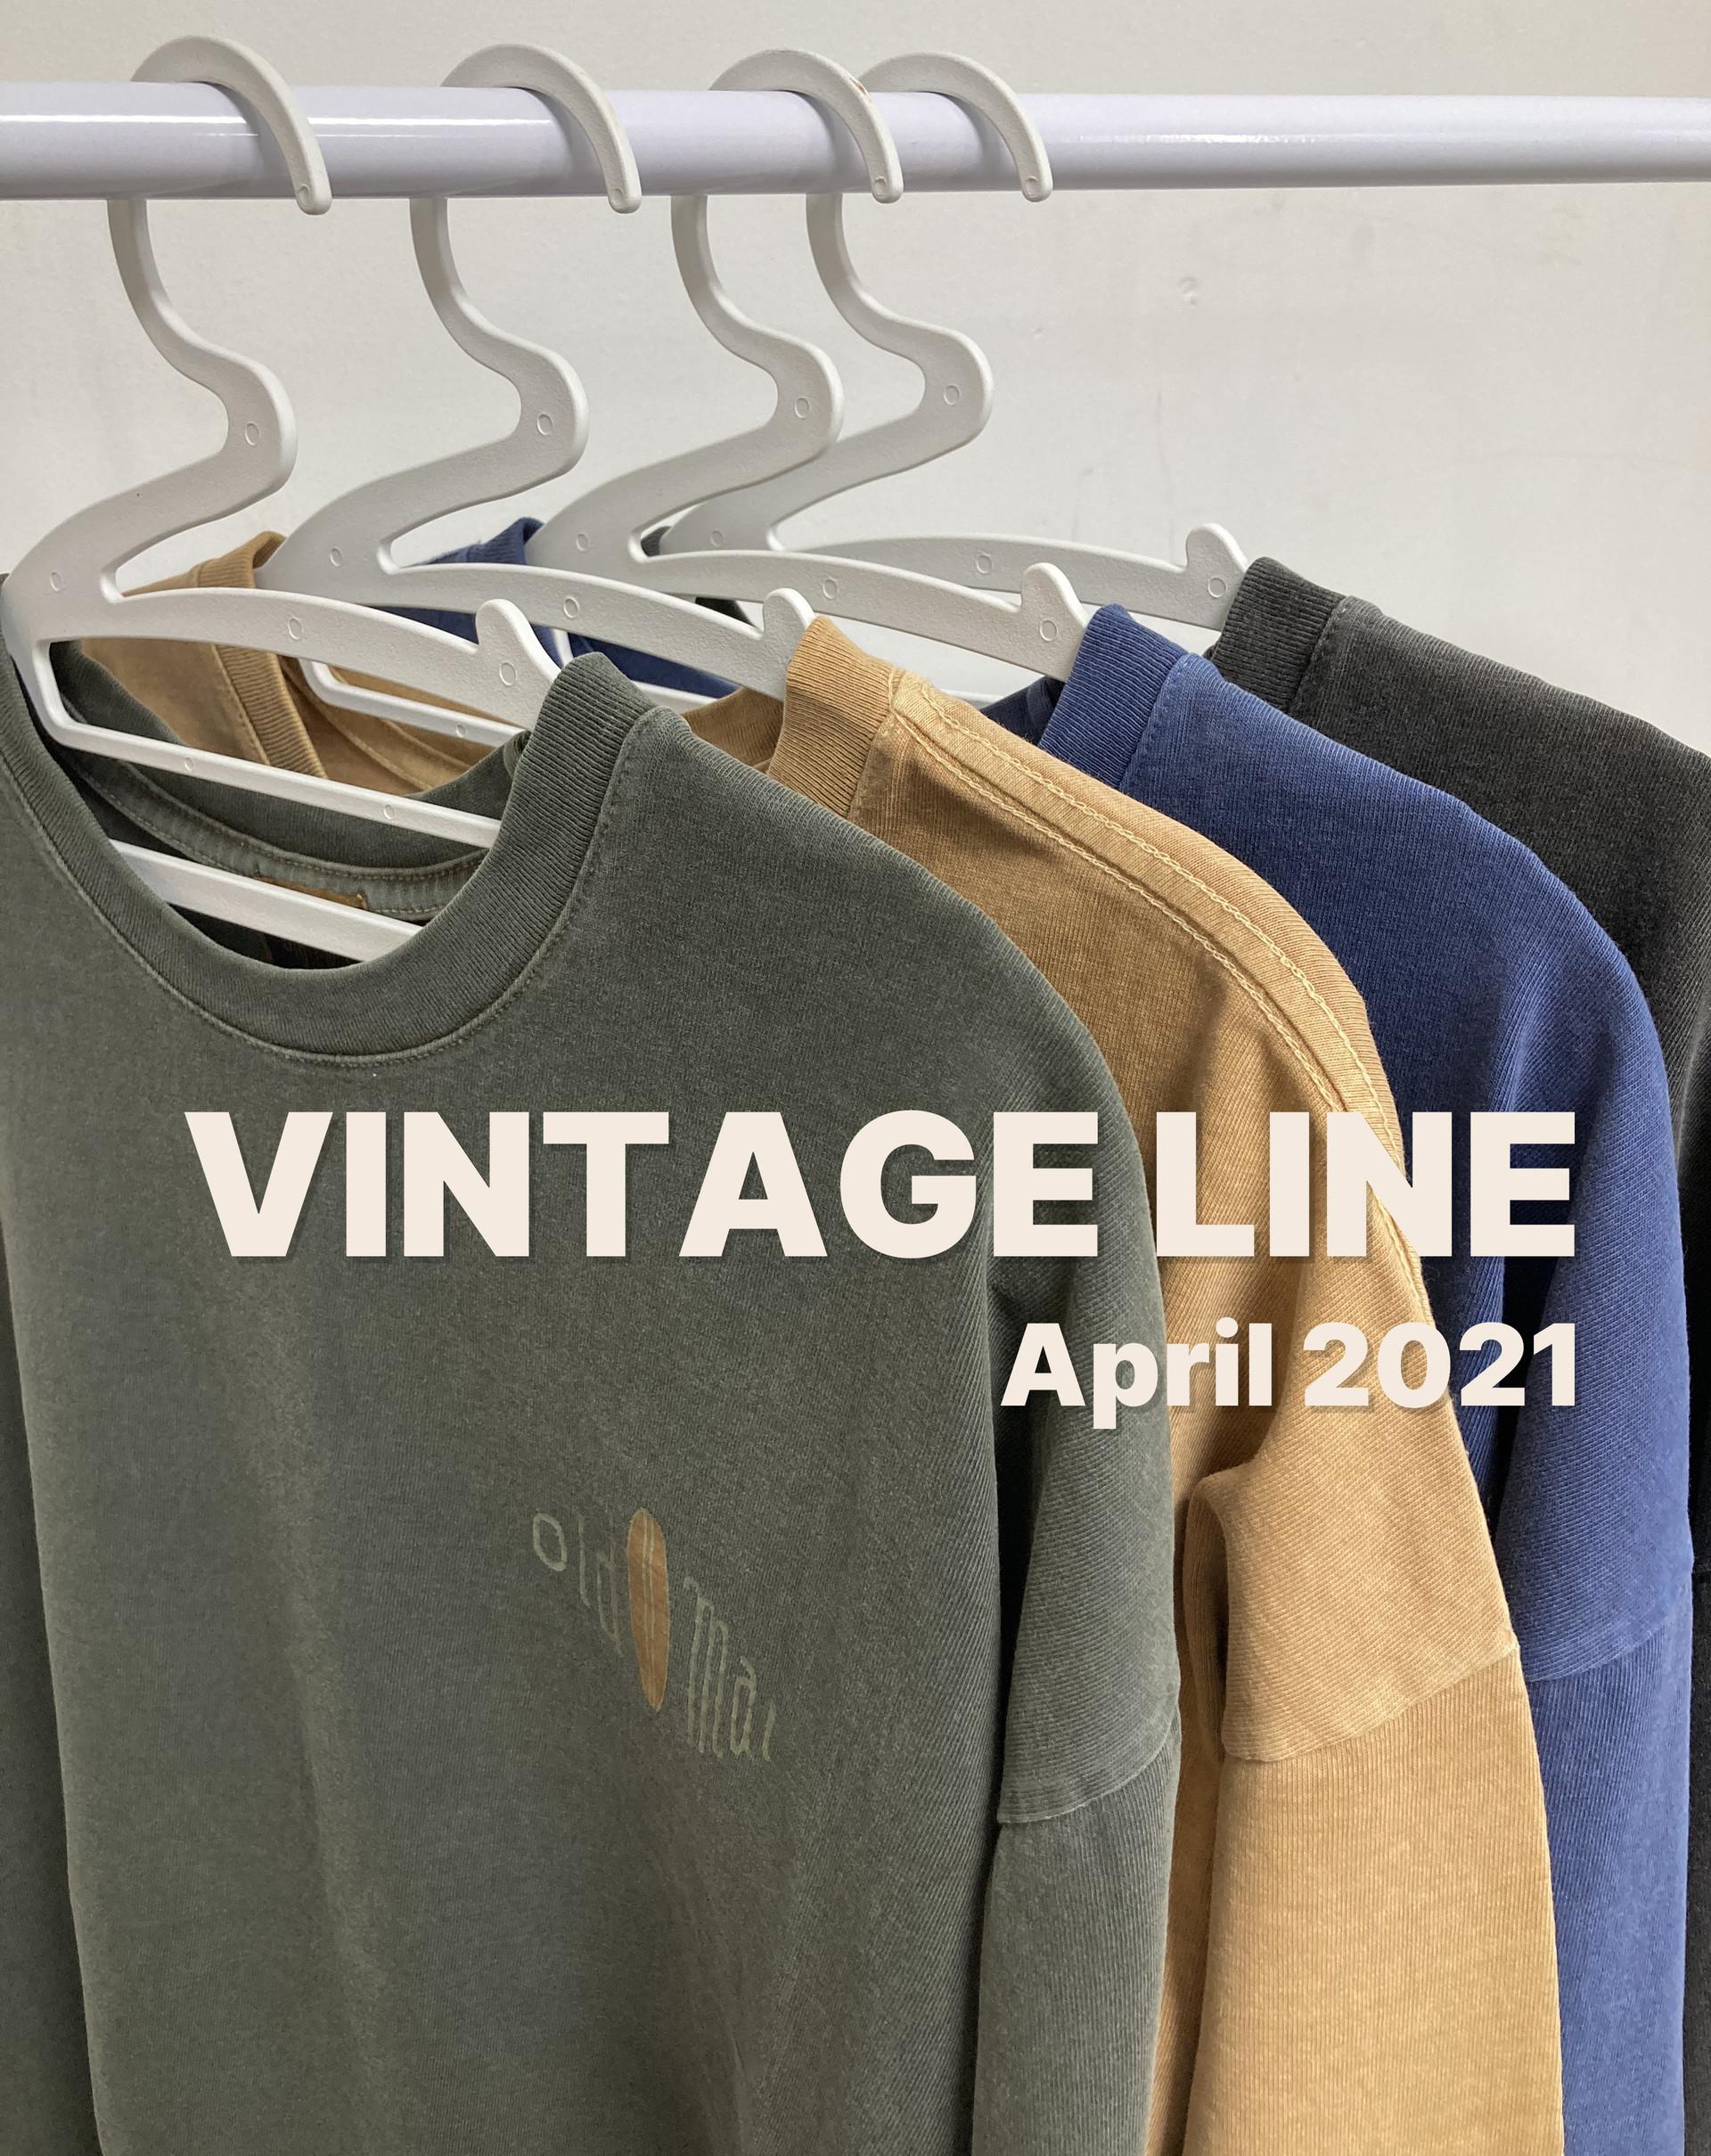 VINTAGE LINE on April